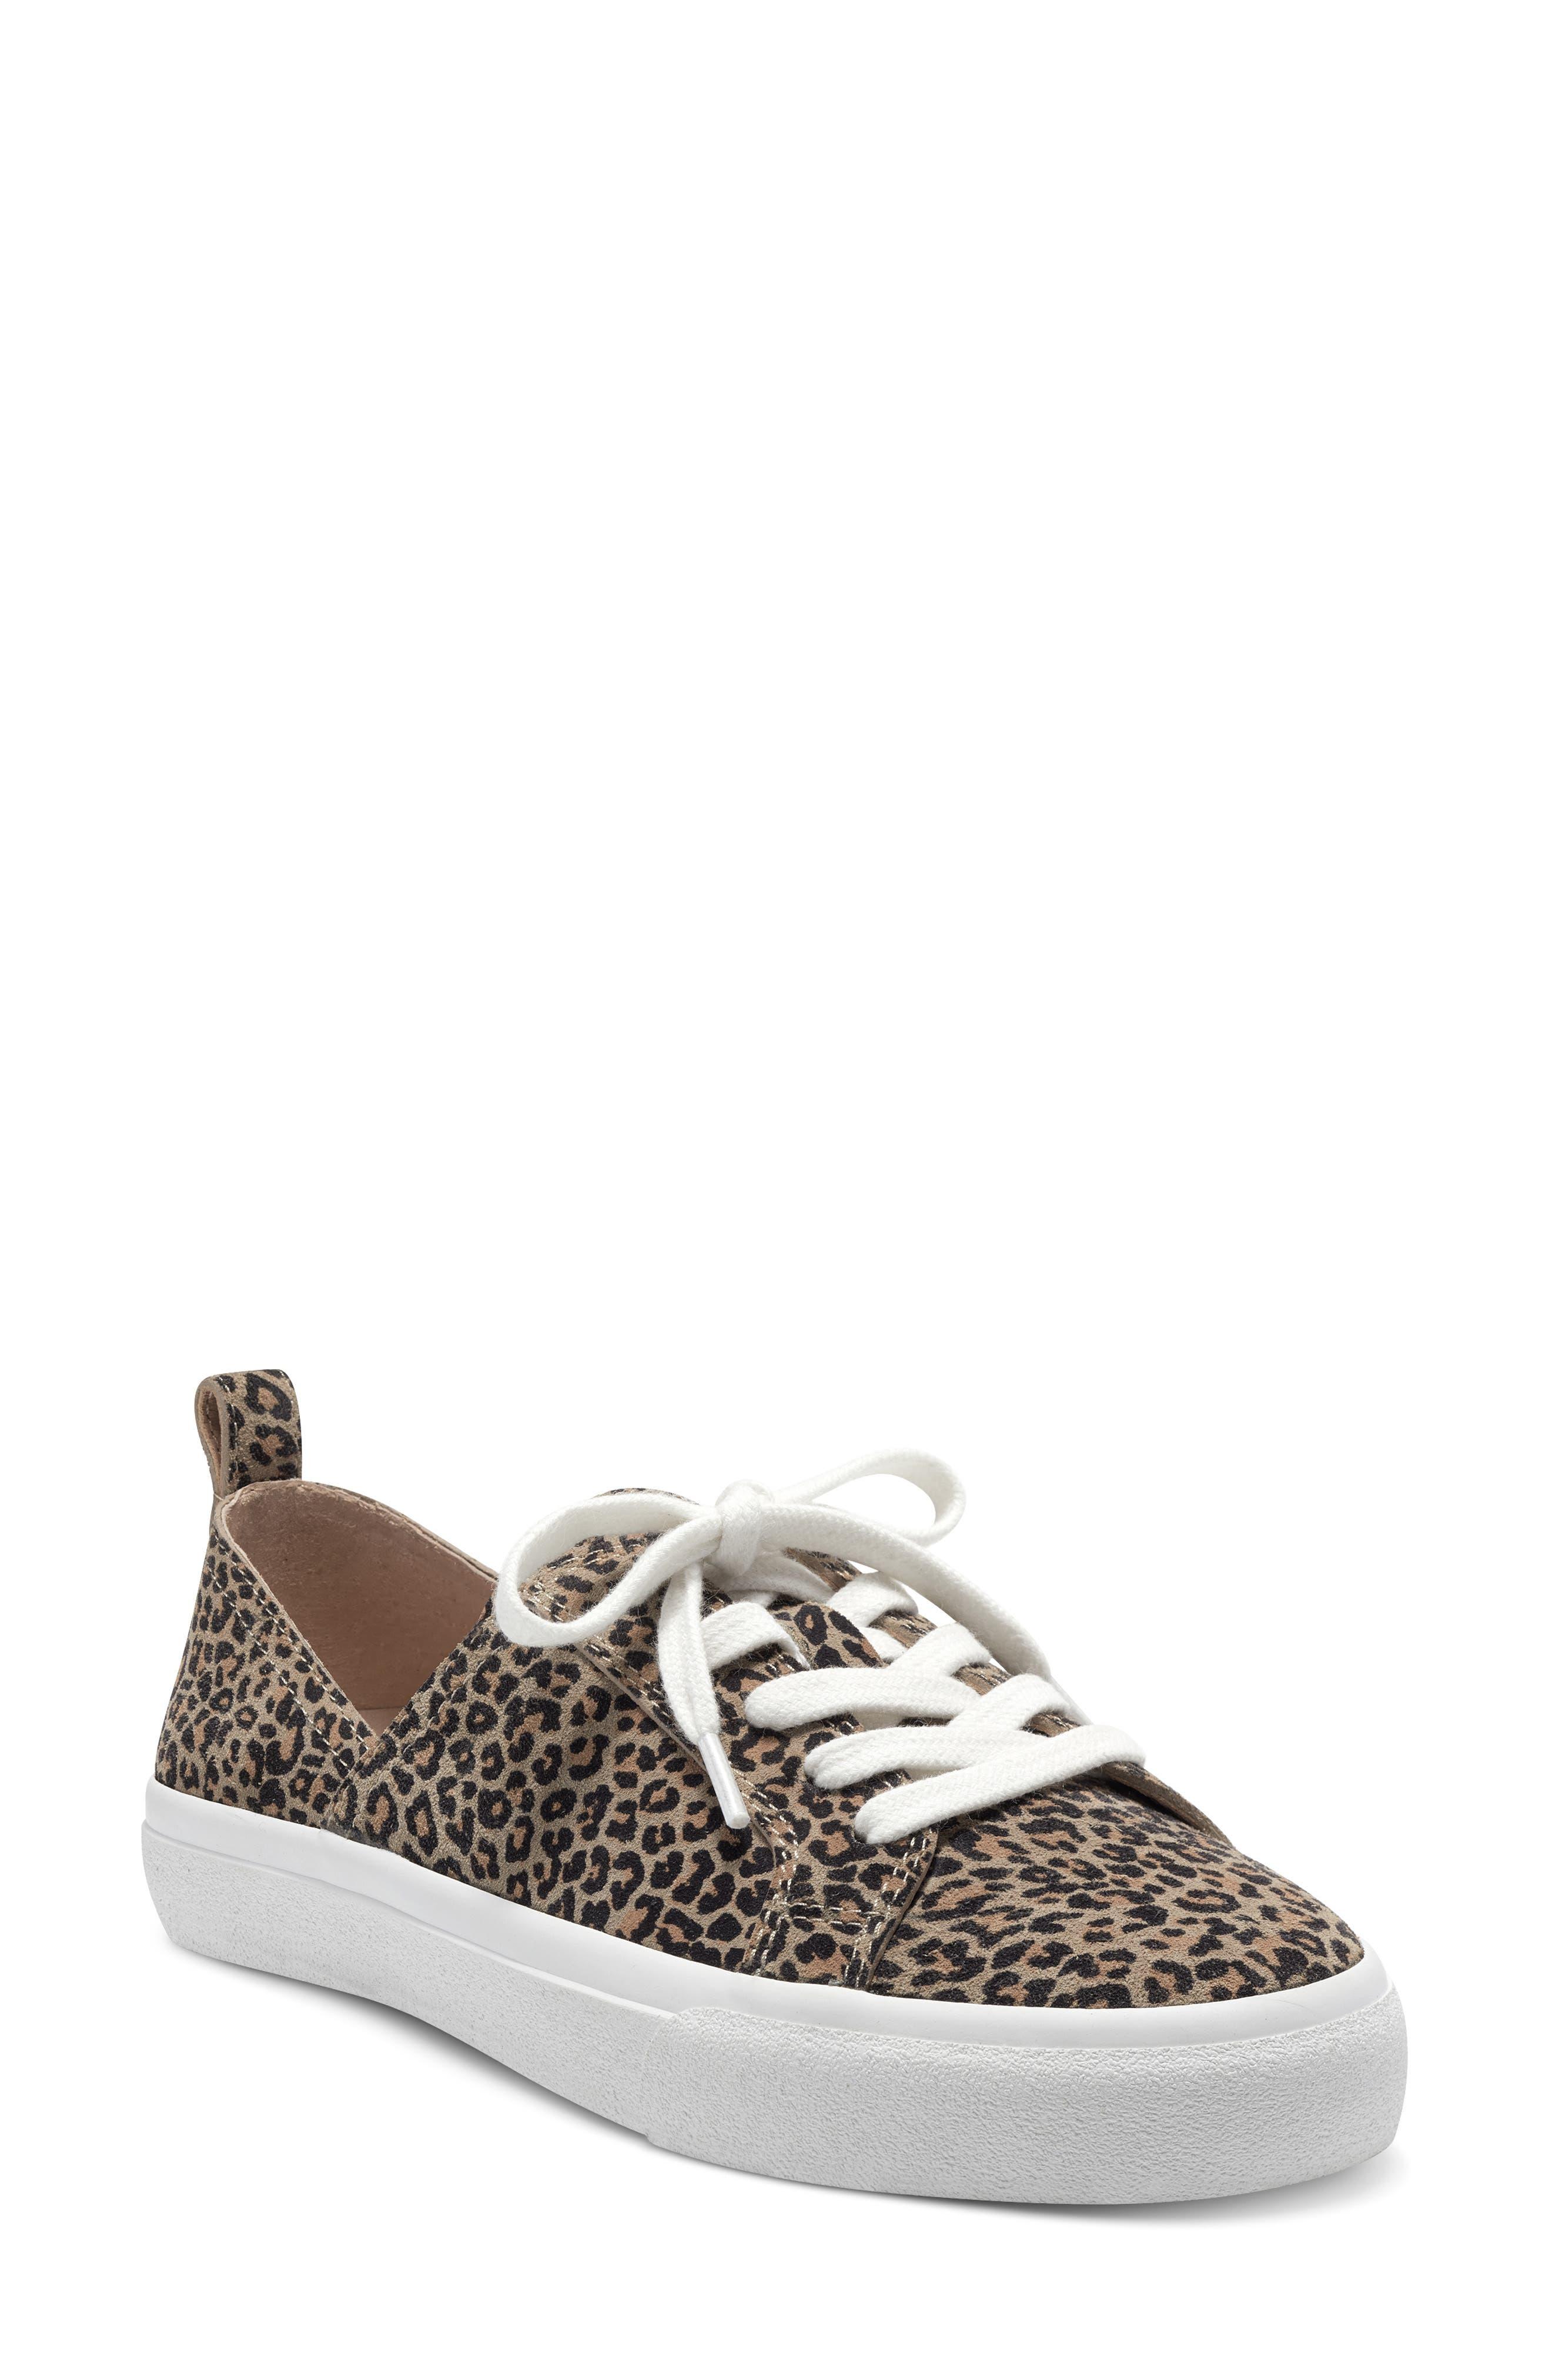 Dansbey Sneaker